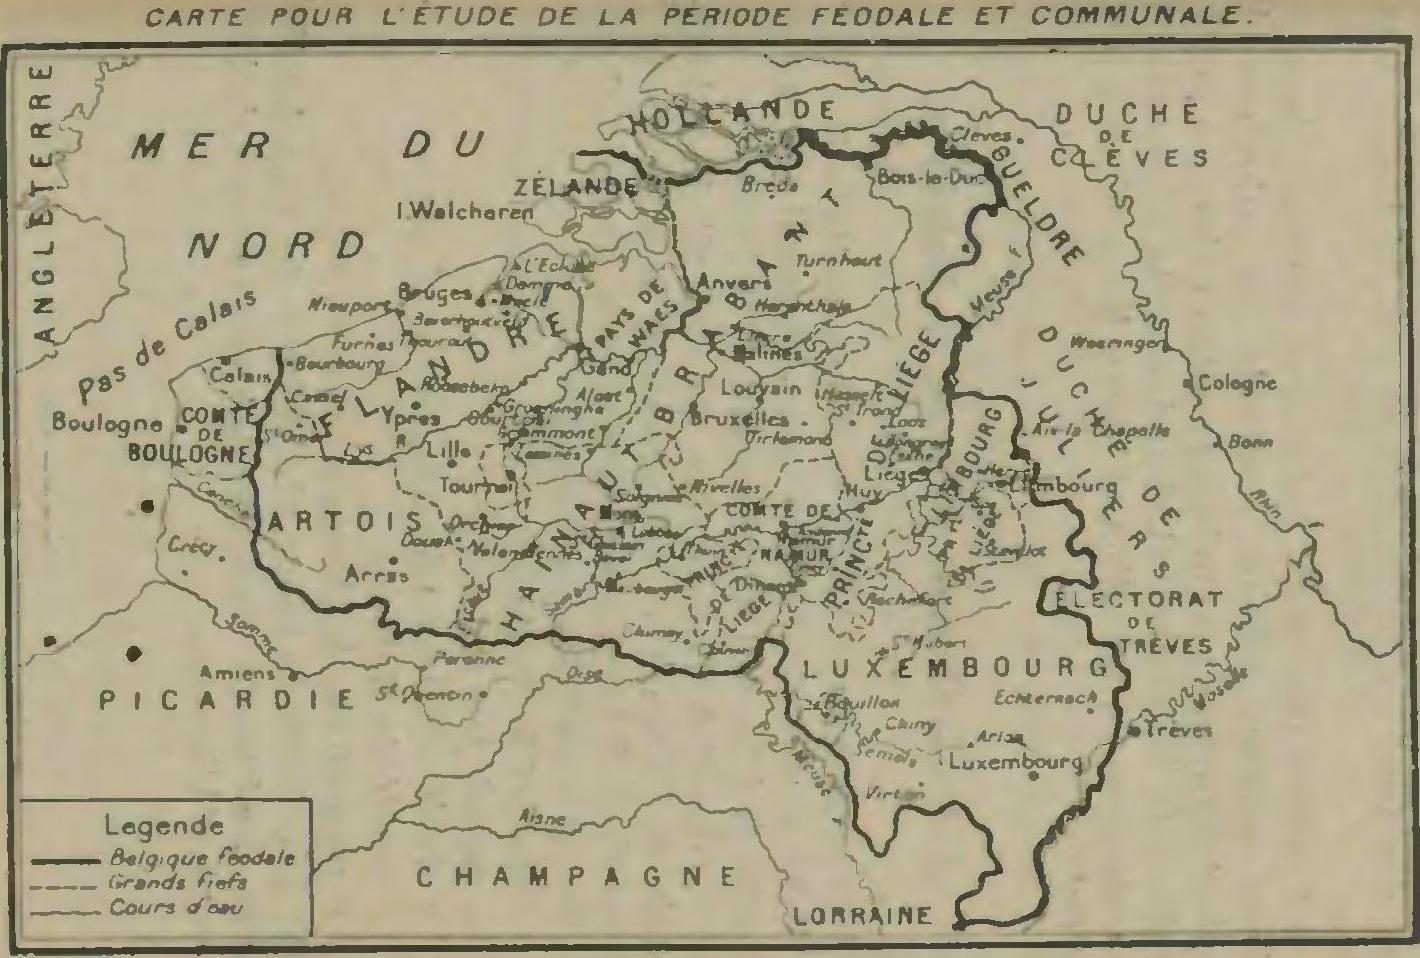 Carte Belgique Histoire.File Deprez Petit Cours D Histoire De Belgique 1916 P53